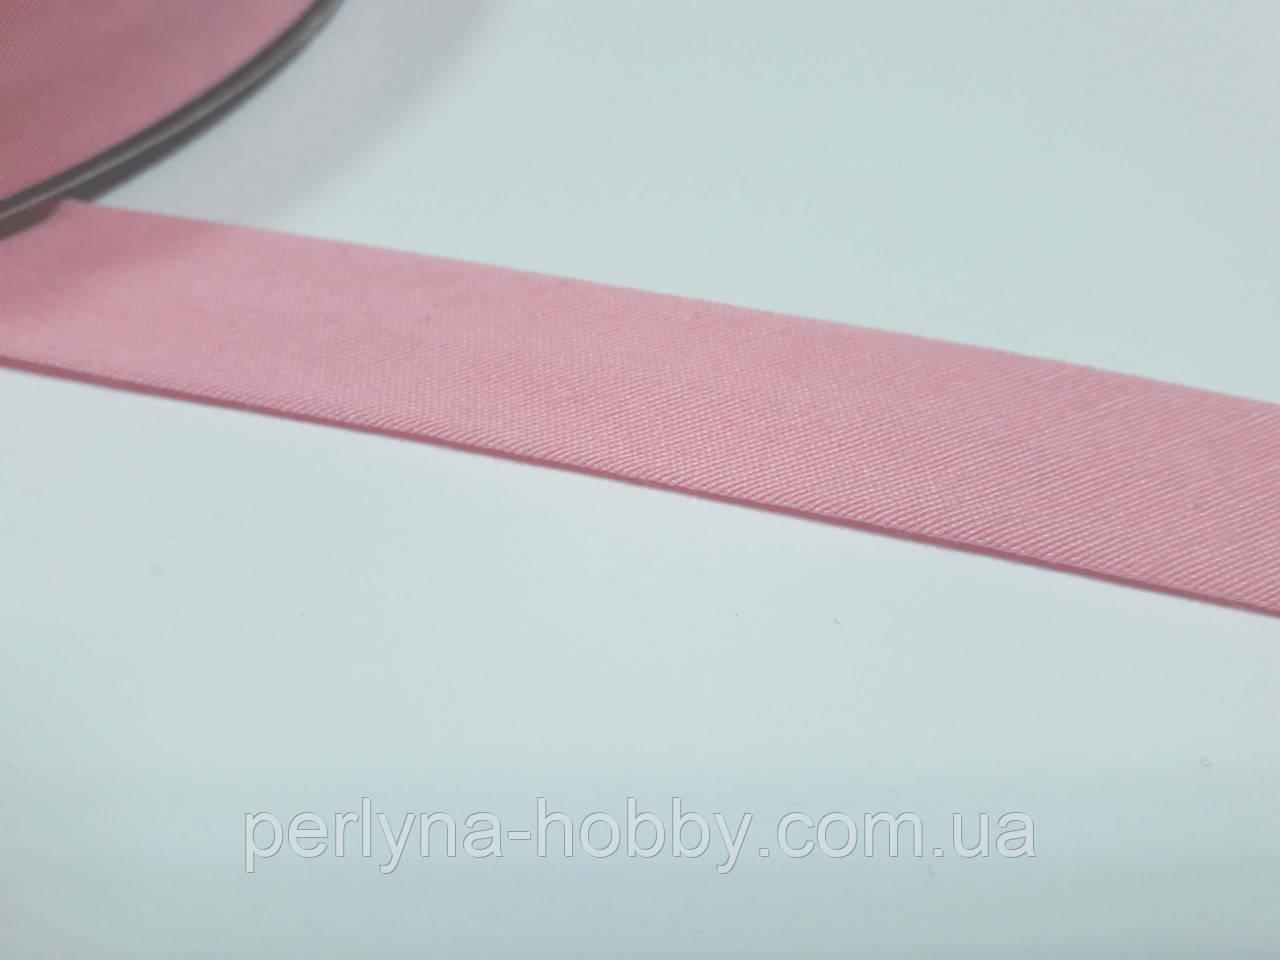 Бейка лямівка бавовняна 2 см. Рожева. Ціна за 1 метр